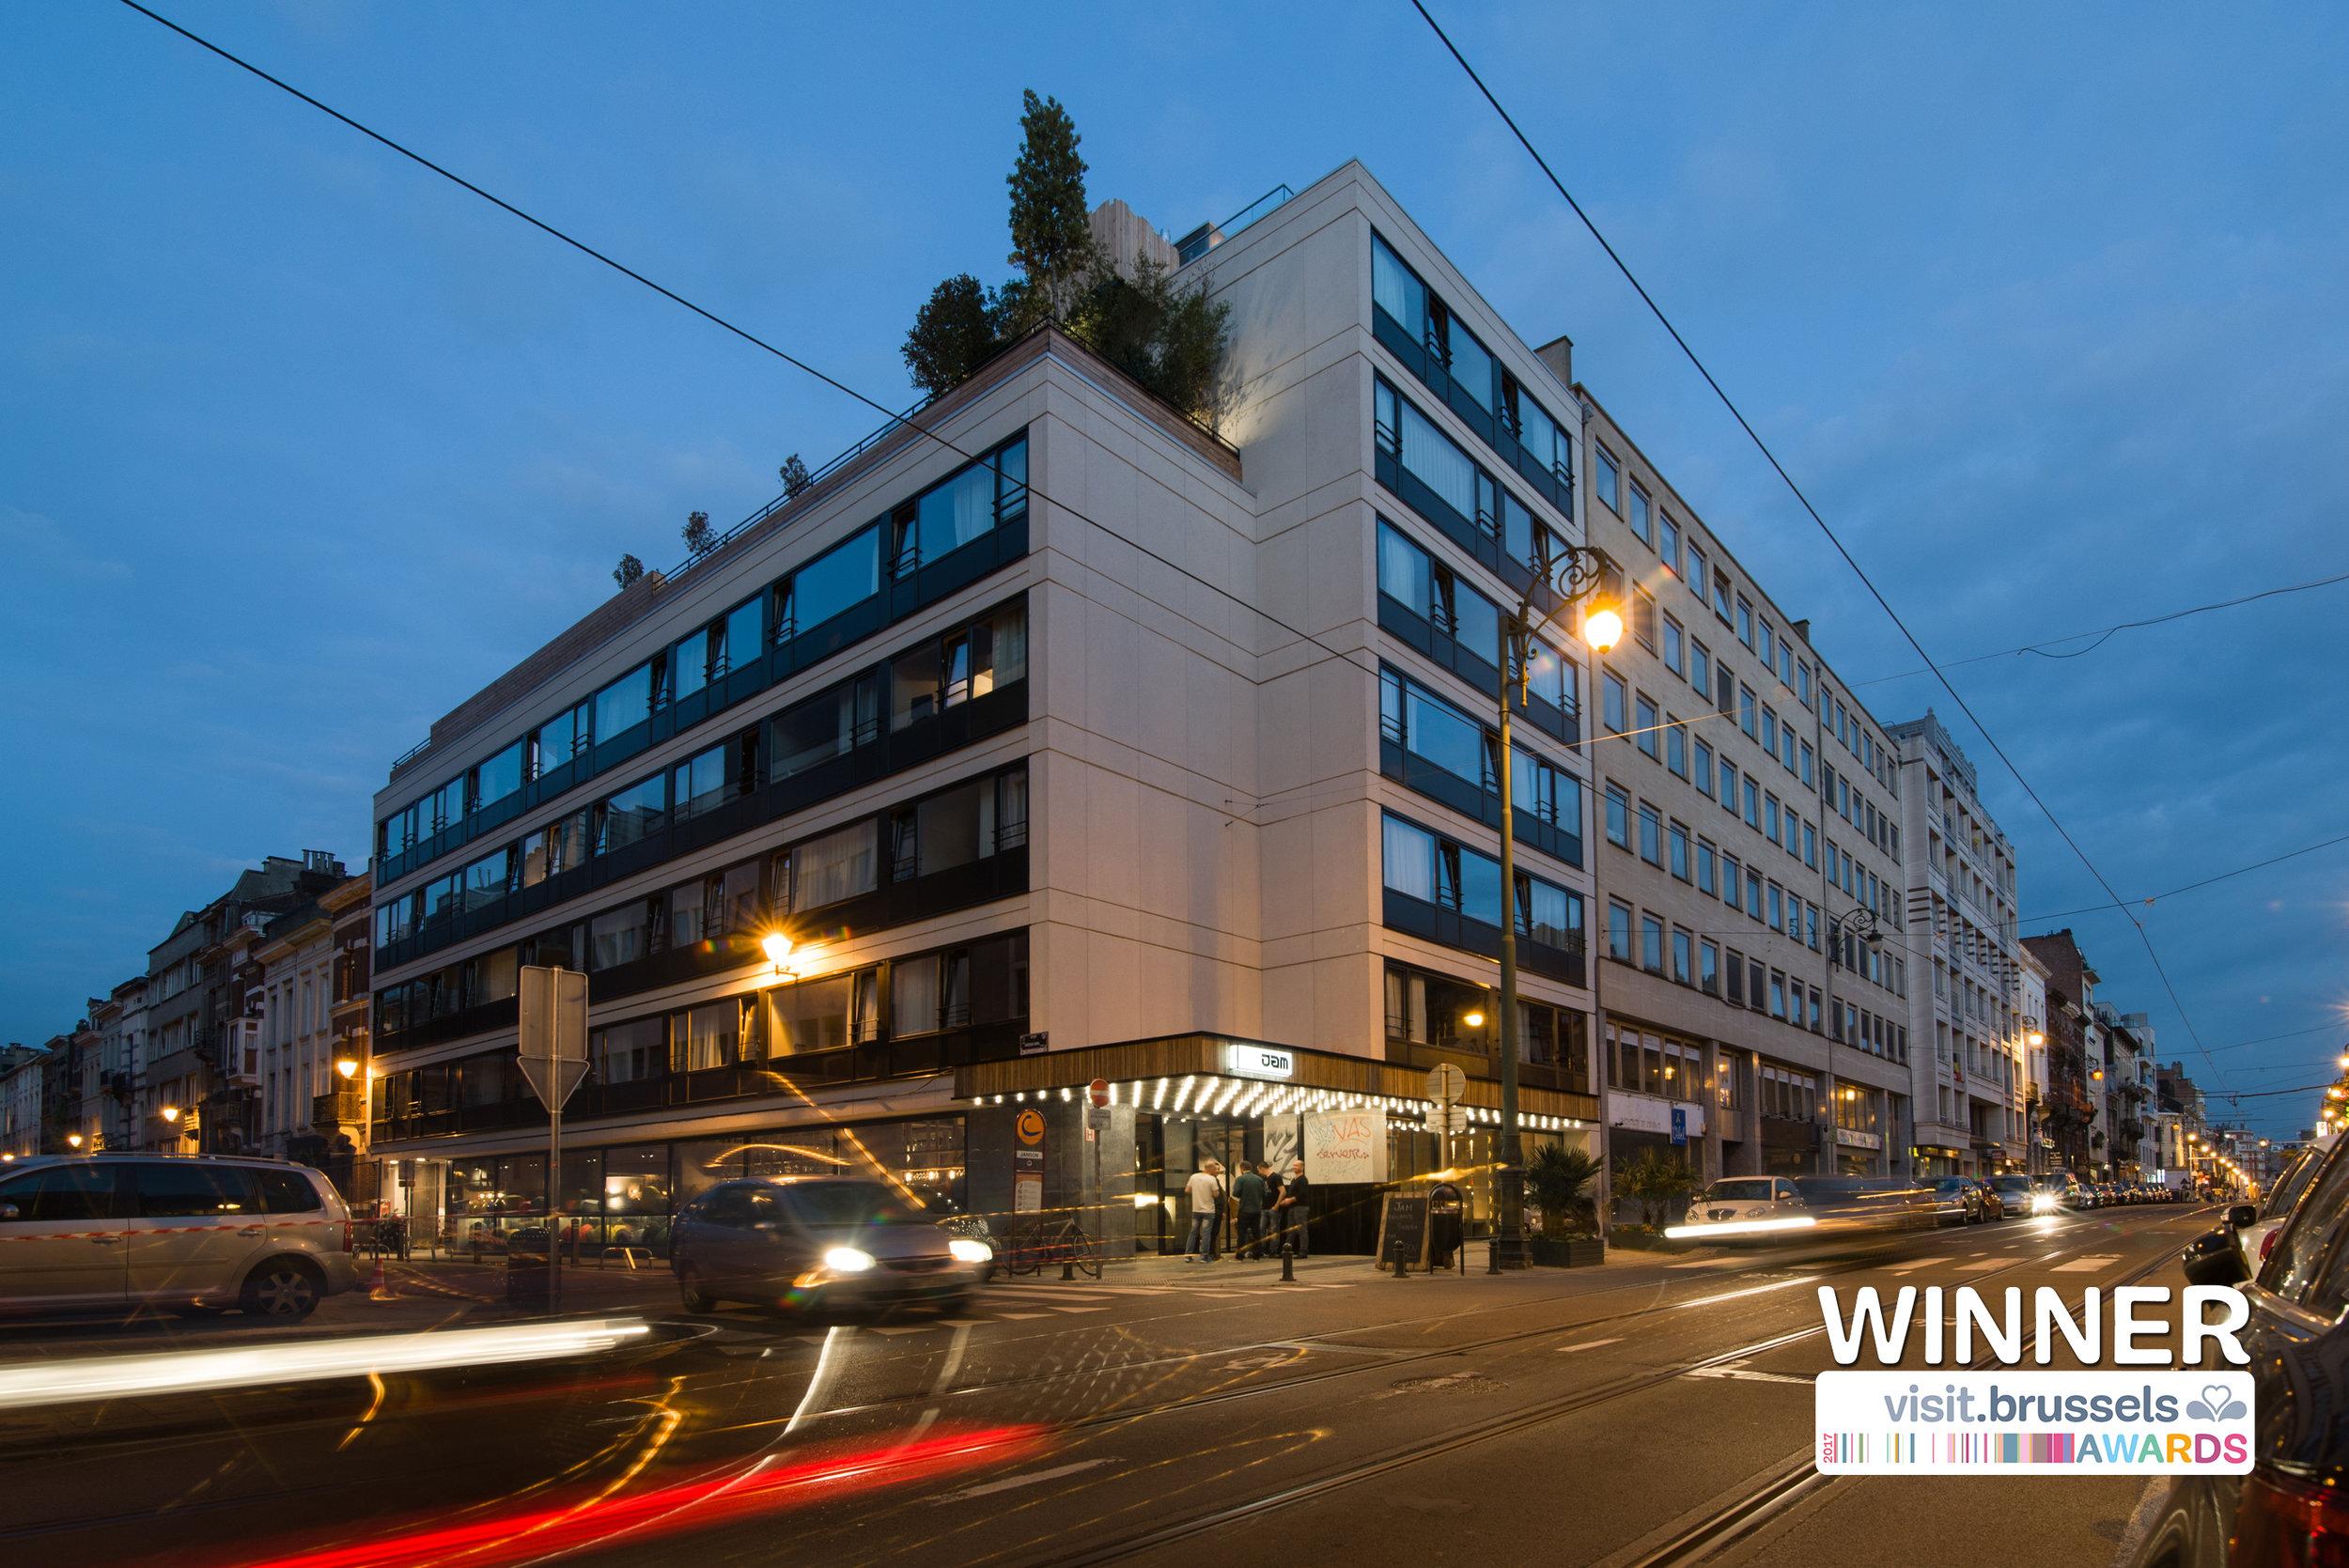 jam-hotel-brussels-news-20170401-awards-visit-brussels-hotel-newcomer-2016.jpg